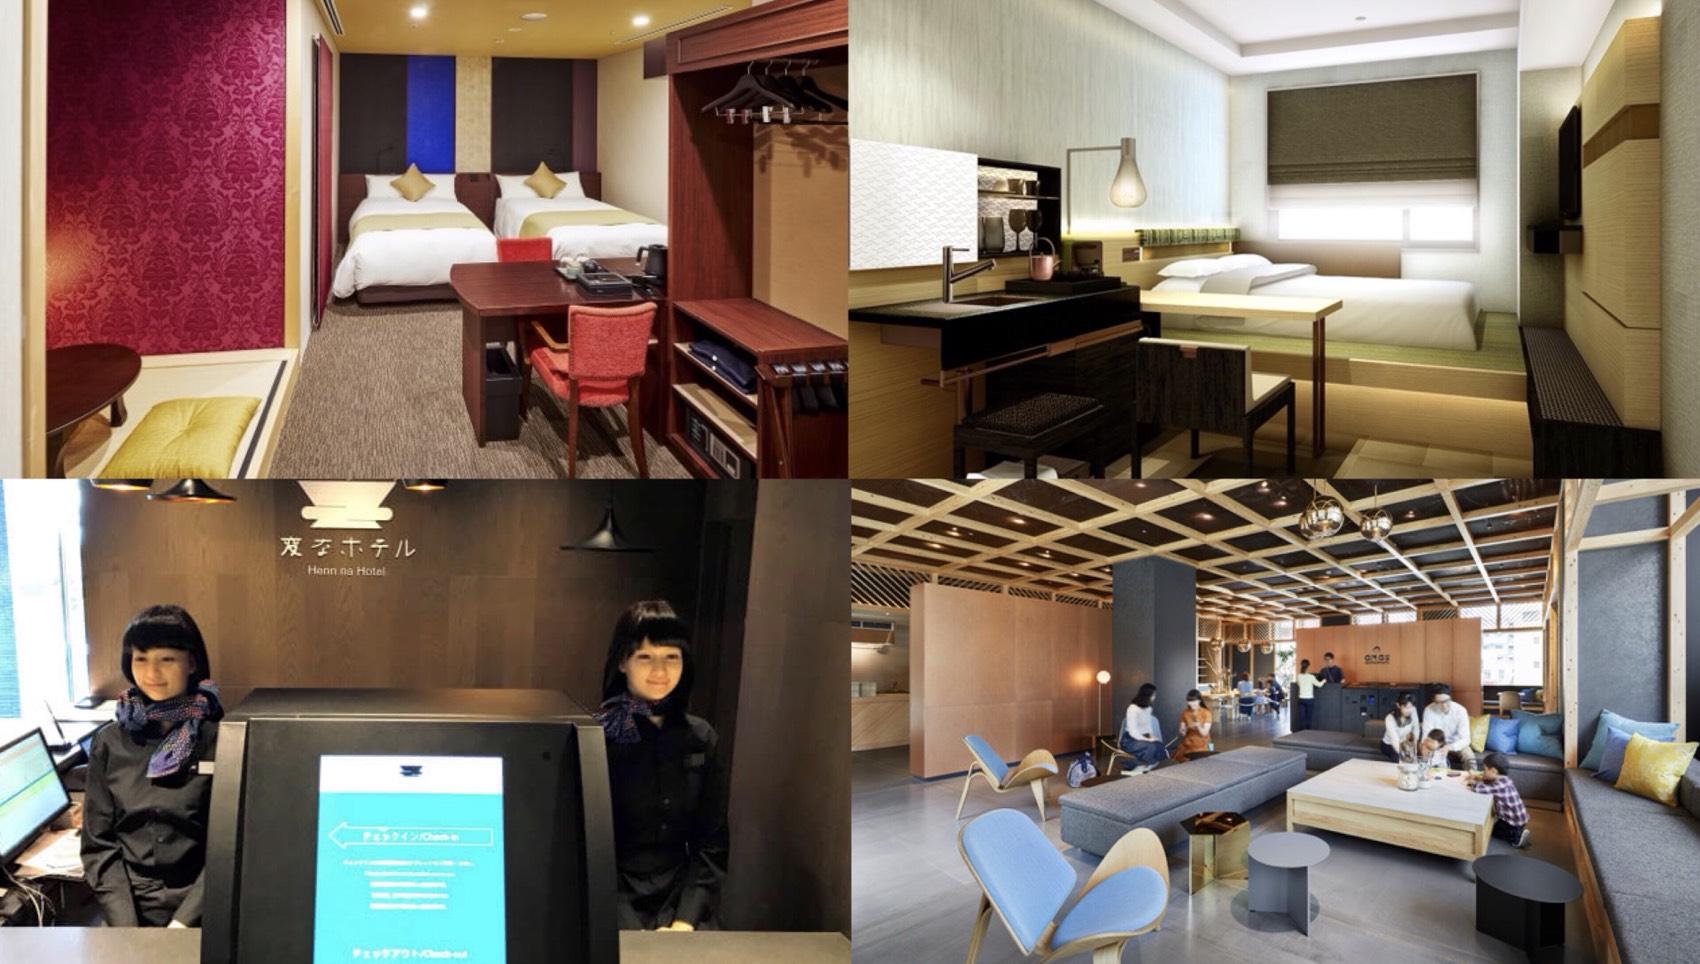 位於東京都內的特殊主題飯店5選-2018- 住宿、在東京、飯店、